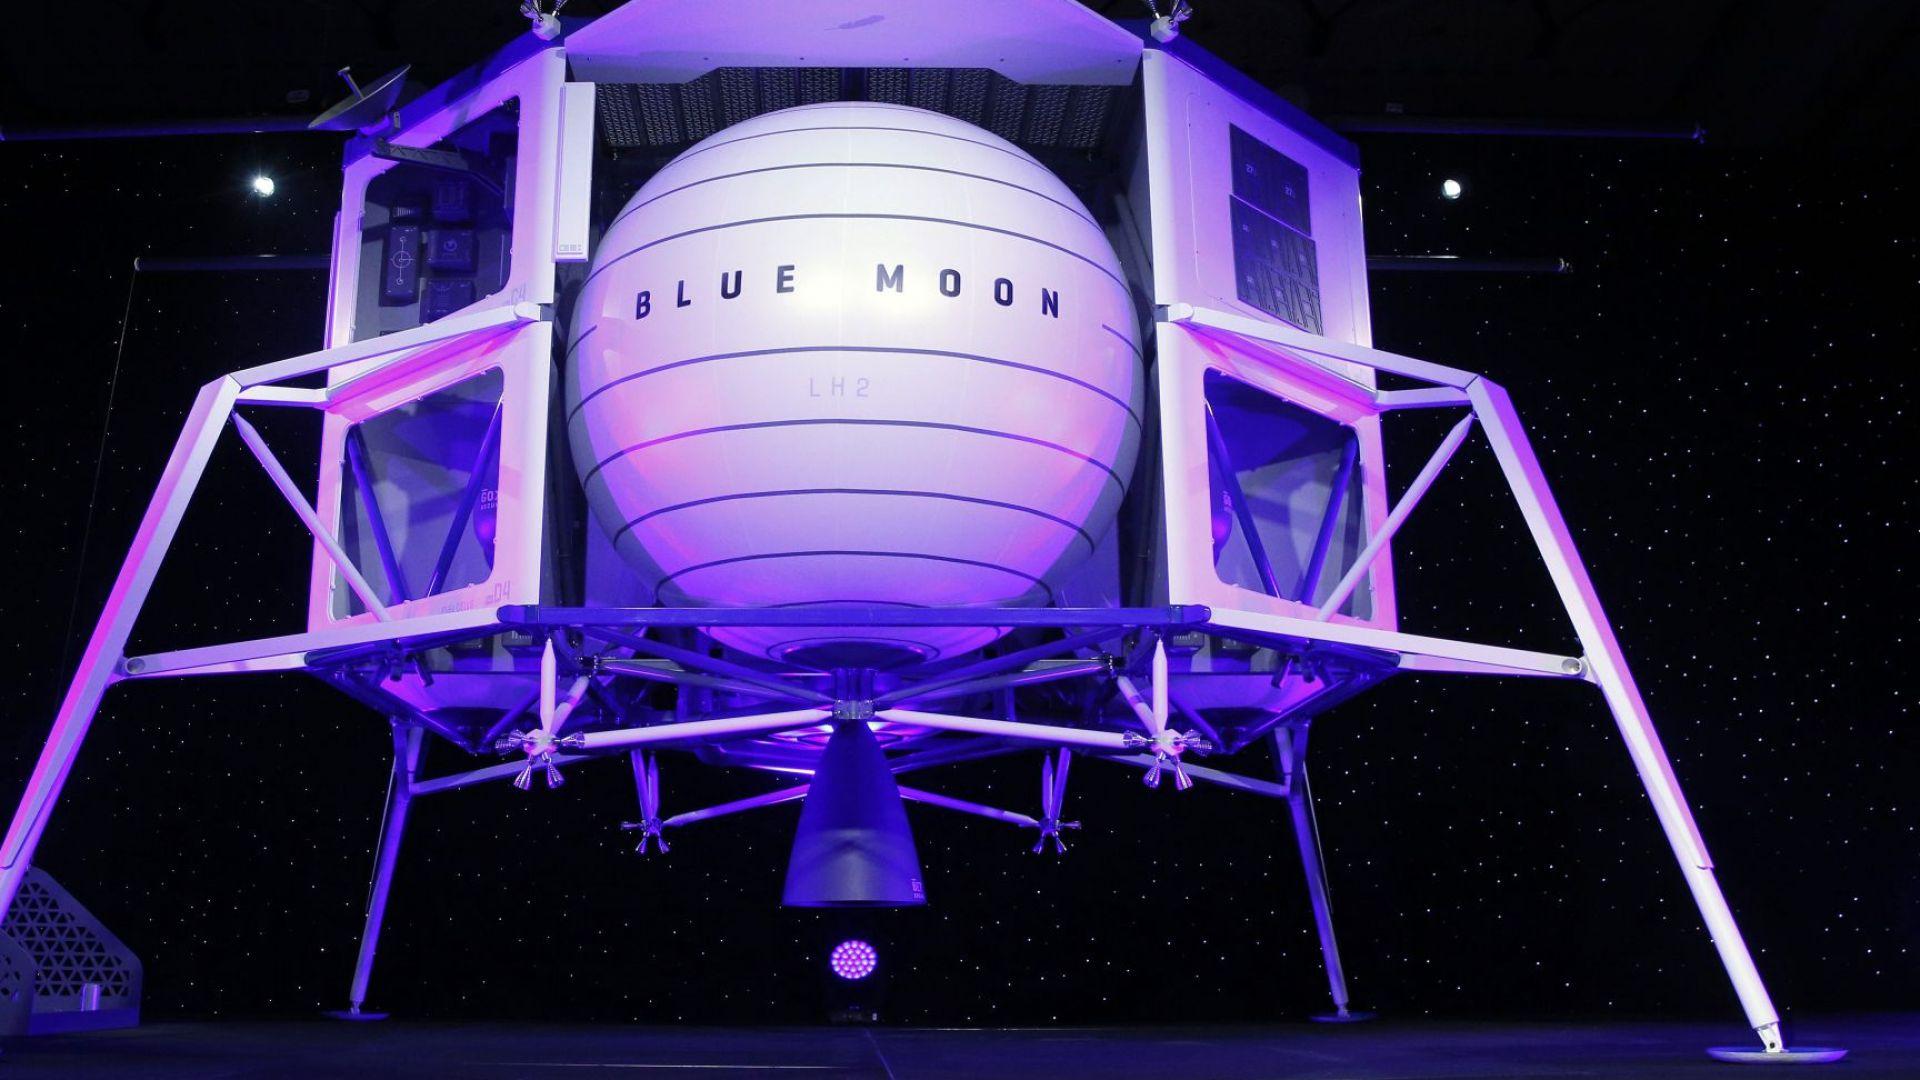 """Шефът на """"Амазон"""" показа макет на лунния апарат """"Блу муун"""" (снимки)"""